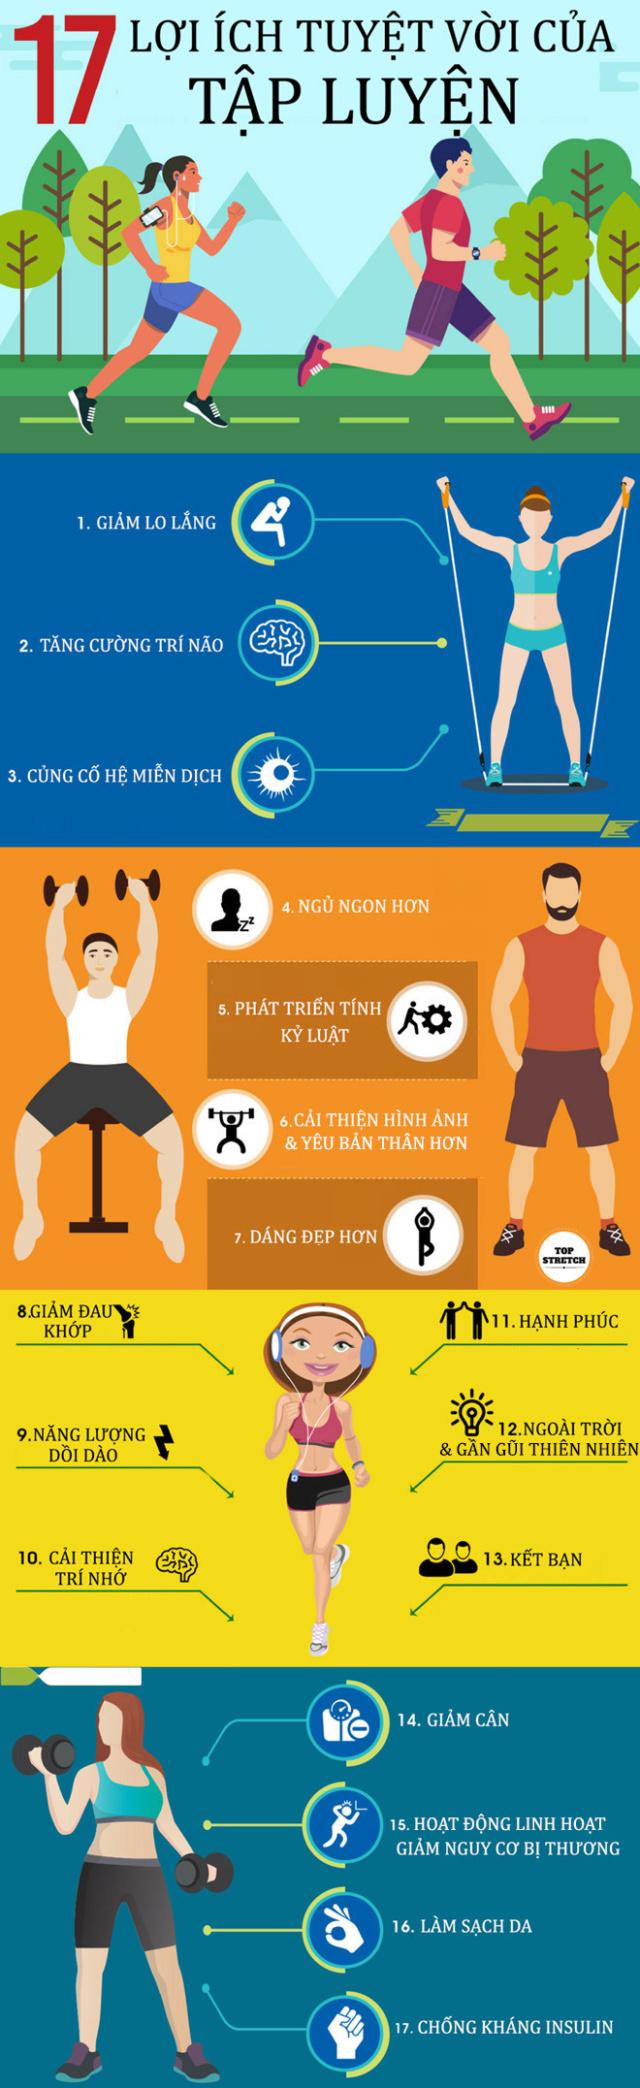 Những lợi ích tuyệt vời của việc tập luyện thể dục thể thao Nhung-11